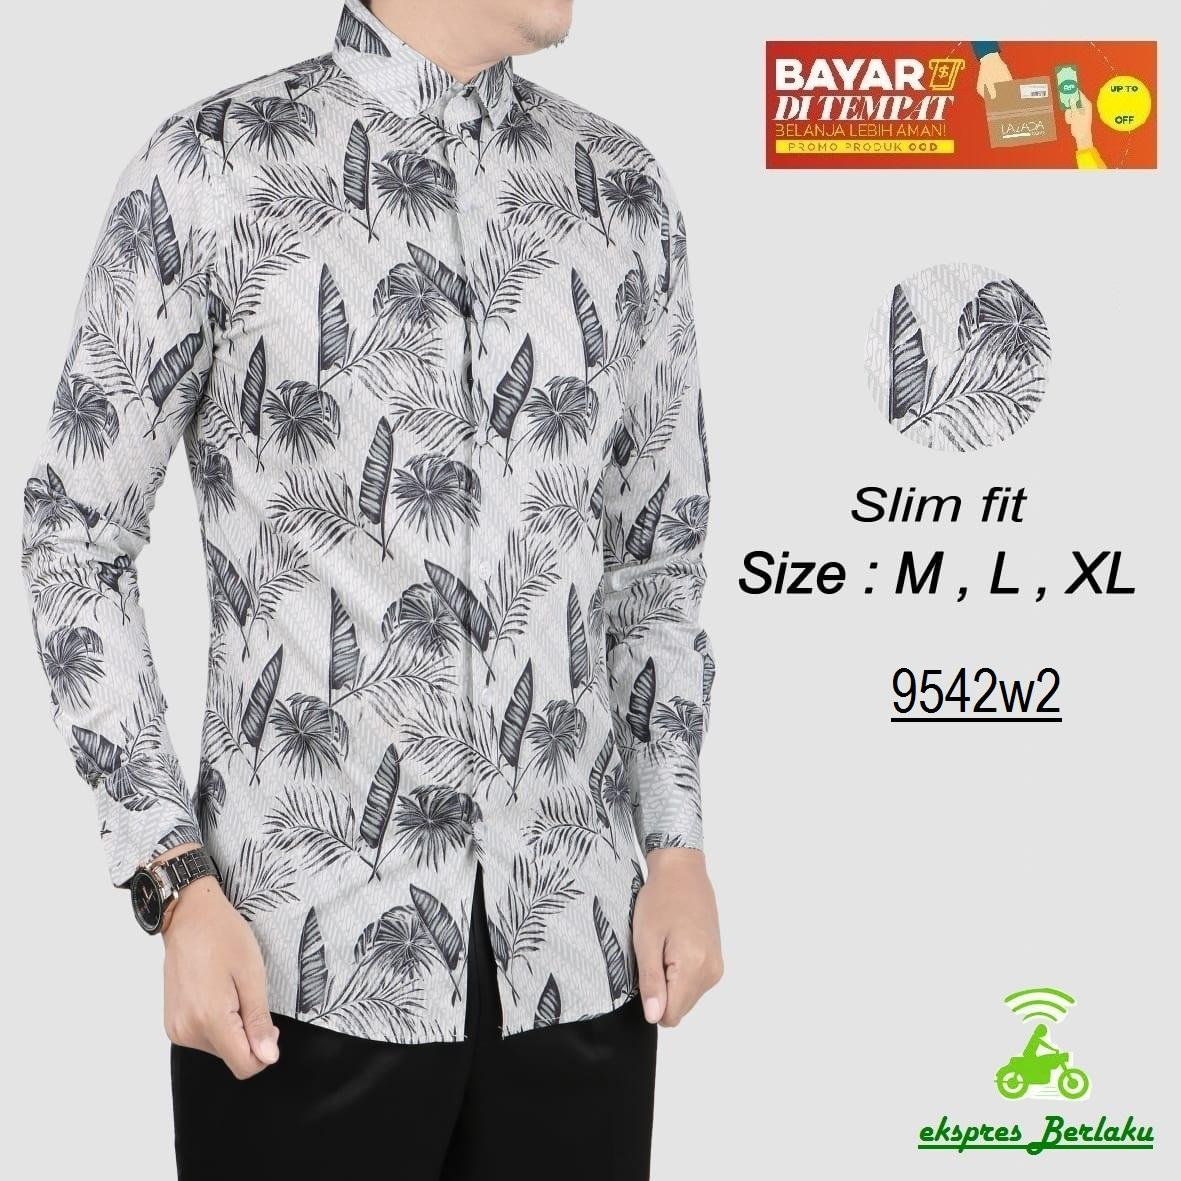 her+man batik pria modern kerah koko kemeja batik pria slim fit 9542w2